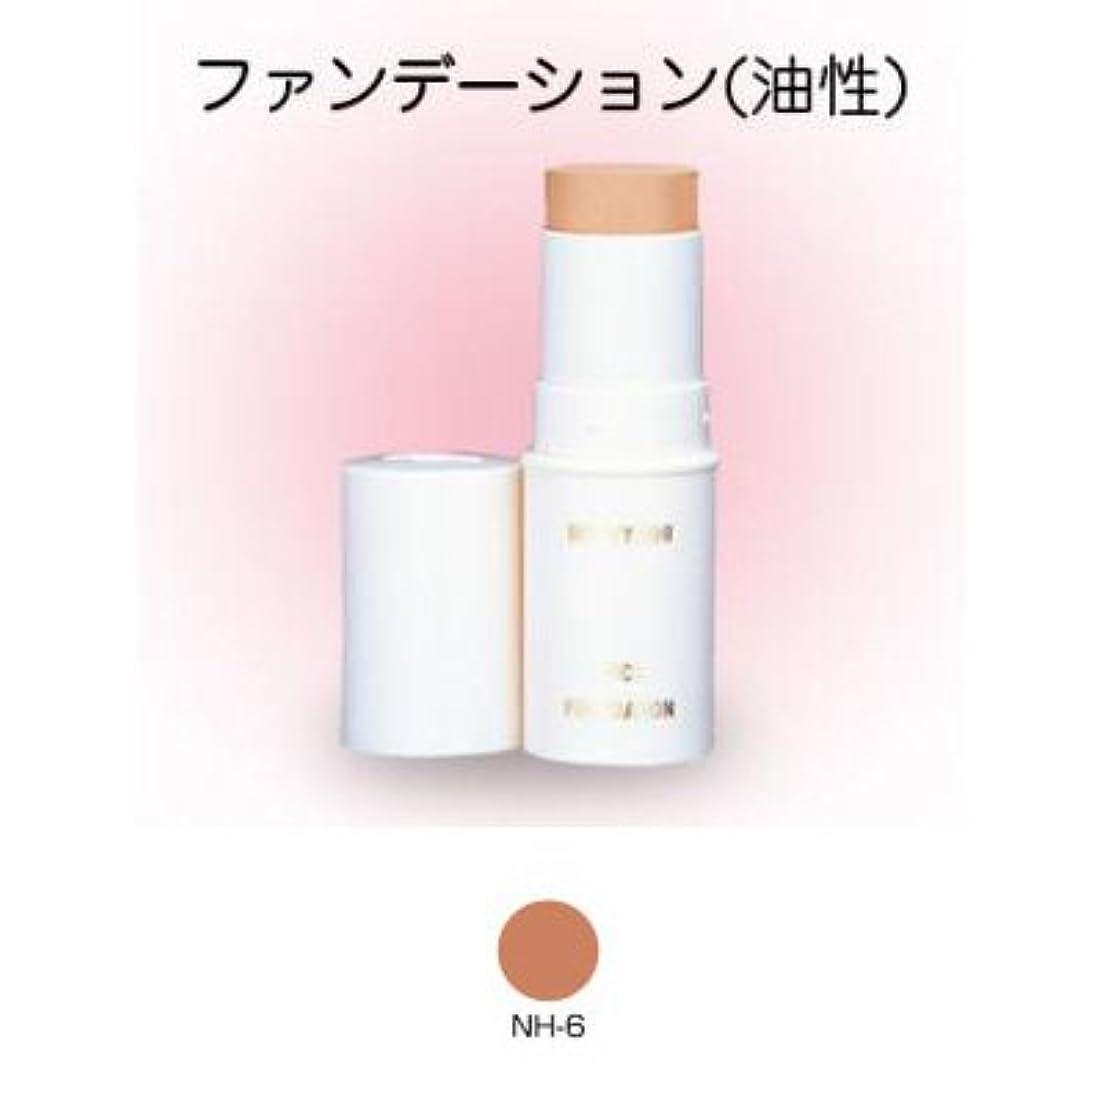 悪意のあるアレイ応じるスティックファンデーション 16g NH-6 【三善】